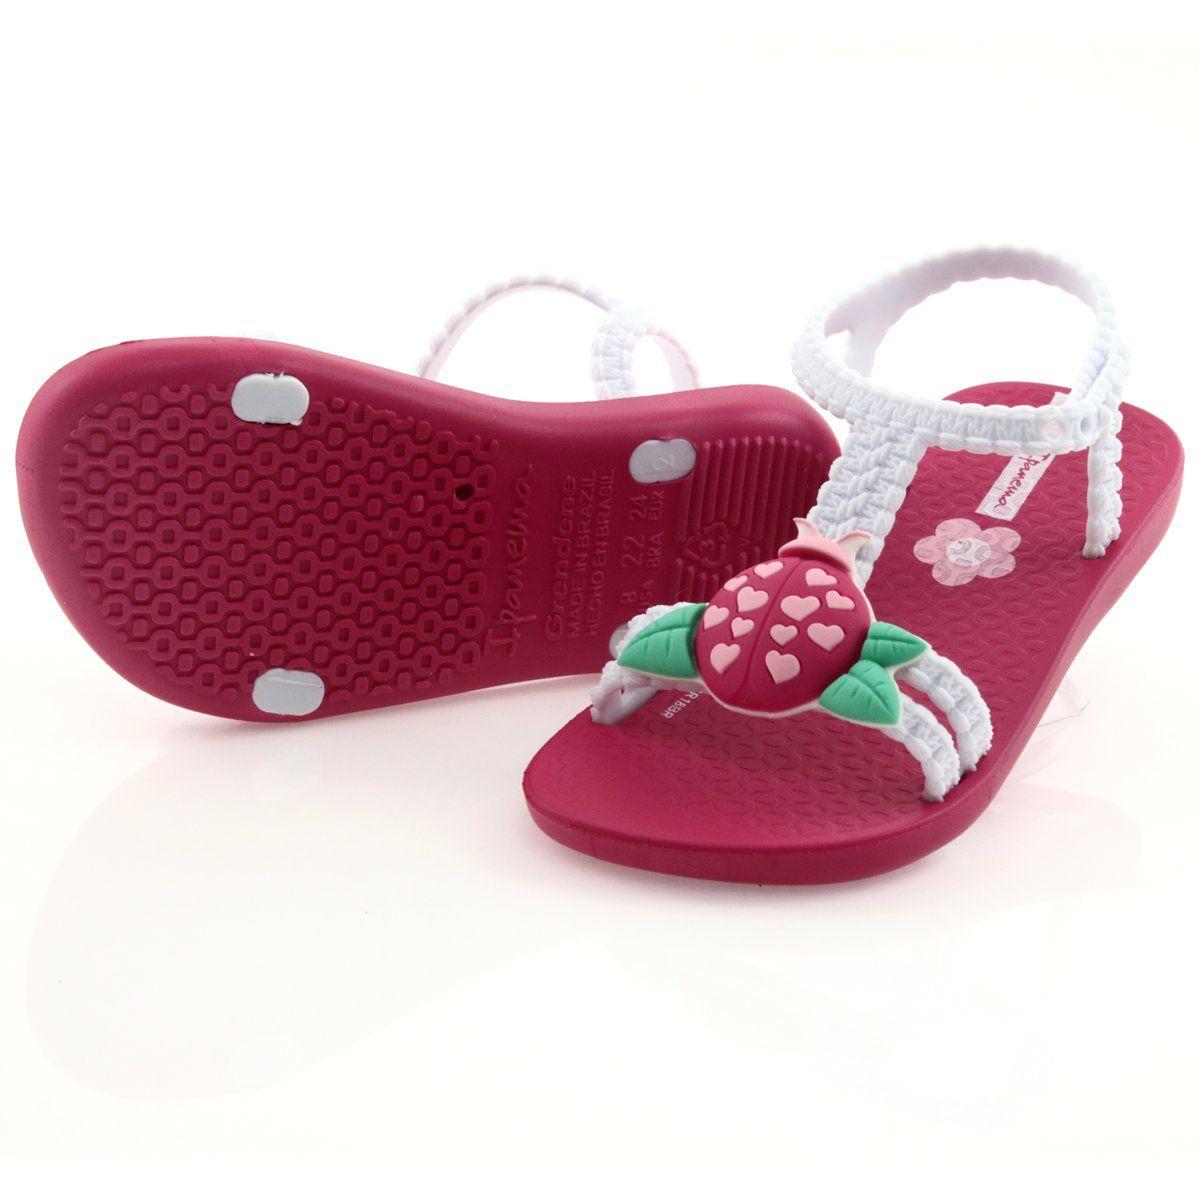 Sandalki Dzieciece Dla Dzieci Ipanema Sandalki Pachnace Ipanema 82539 Biedronka Sandals Kid Shoes Ipanema